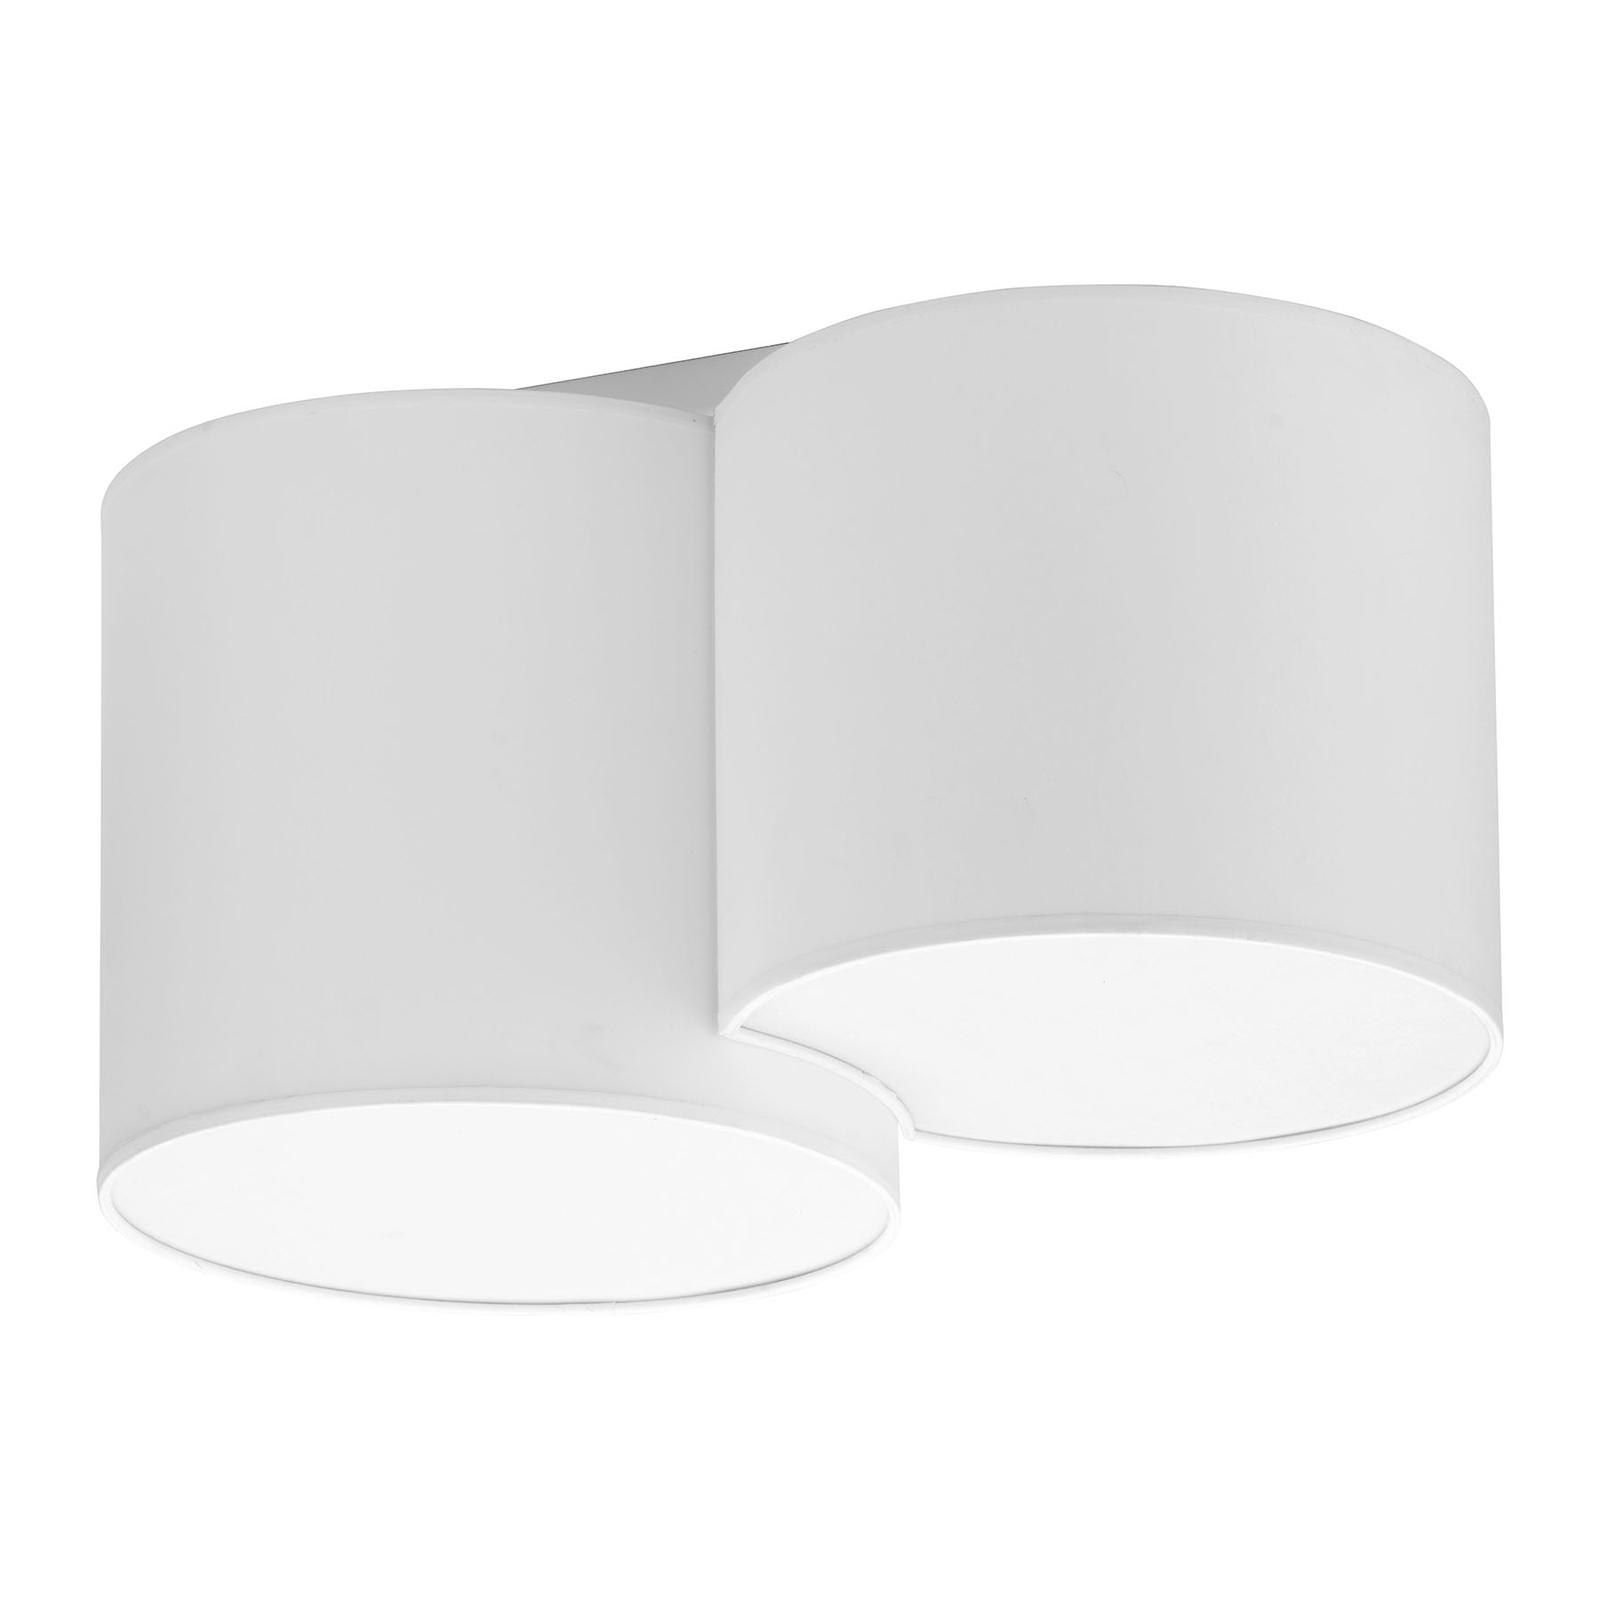 Kattovalaisin Mona, 2-lamppuinen, valkoinen